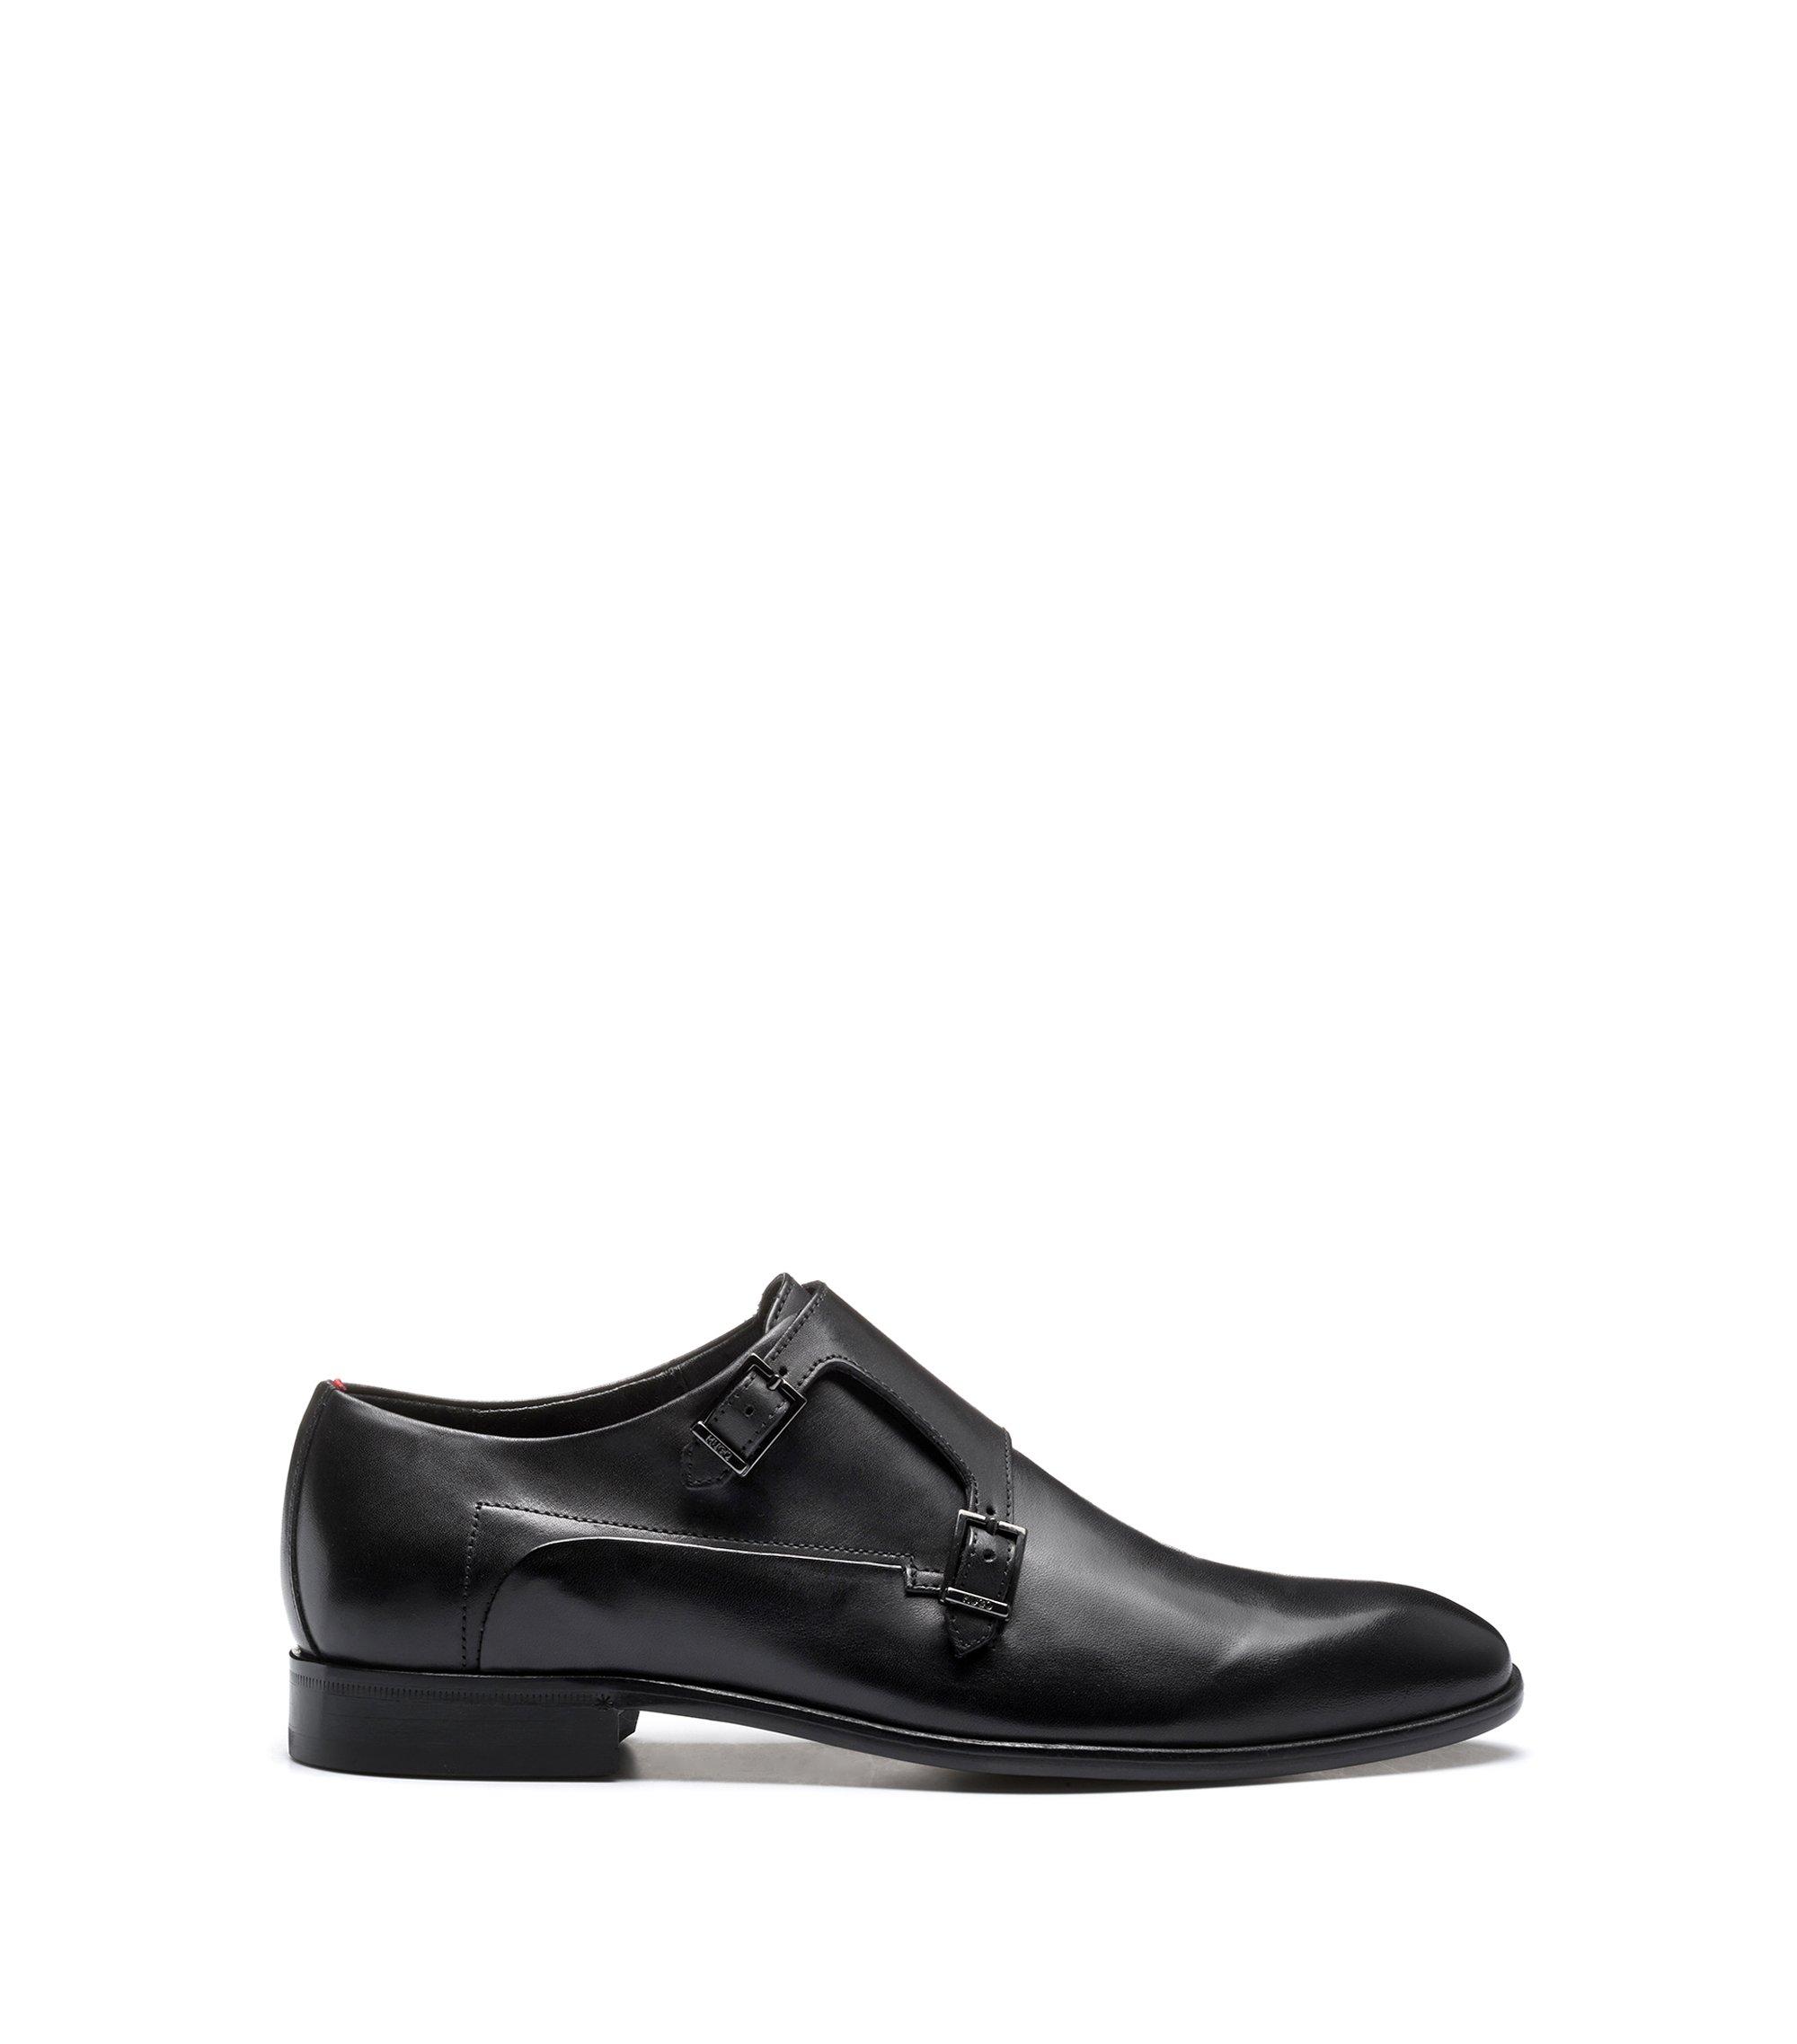 Zapatos de piel con hebilla doble, Negro